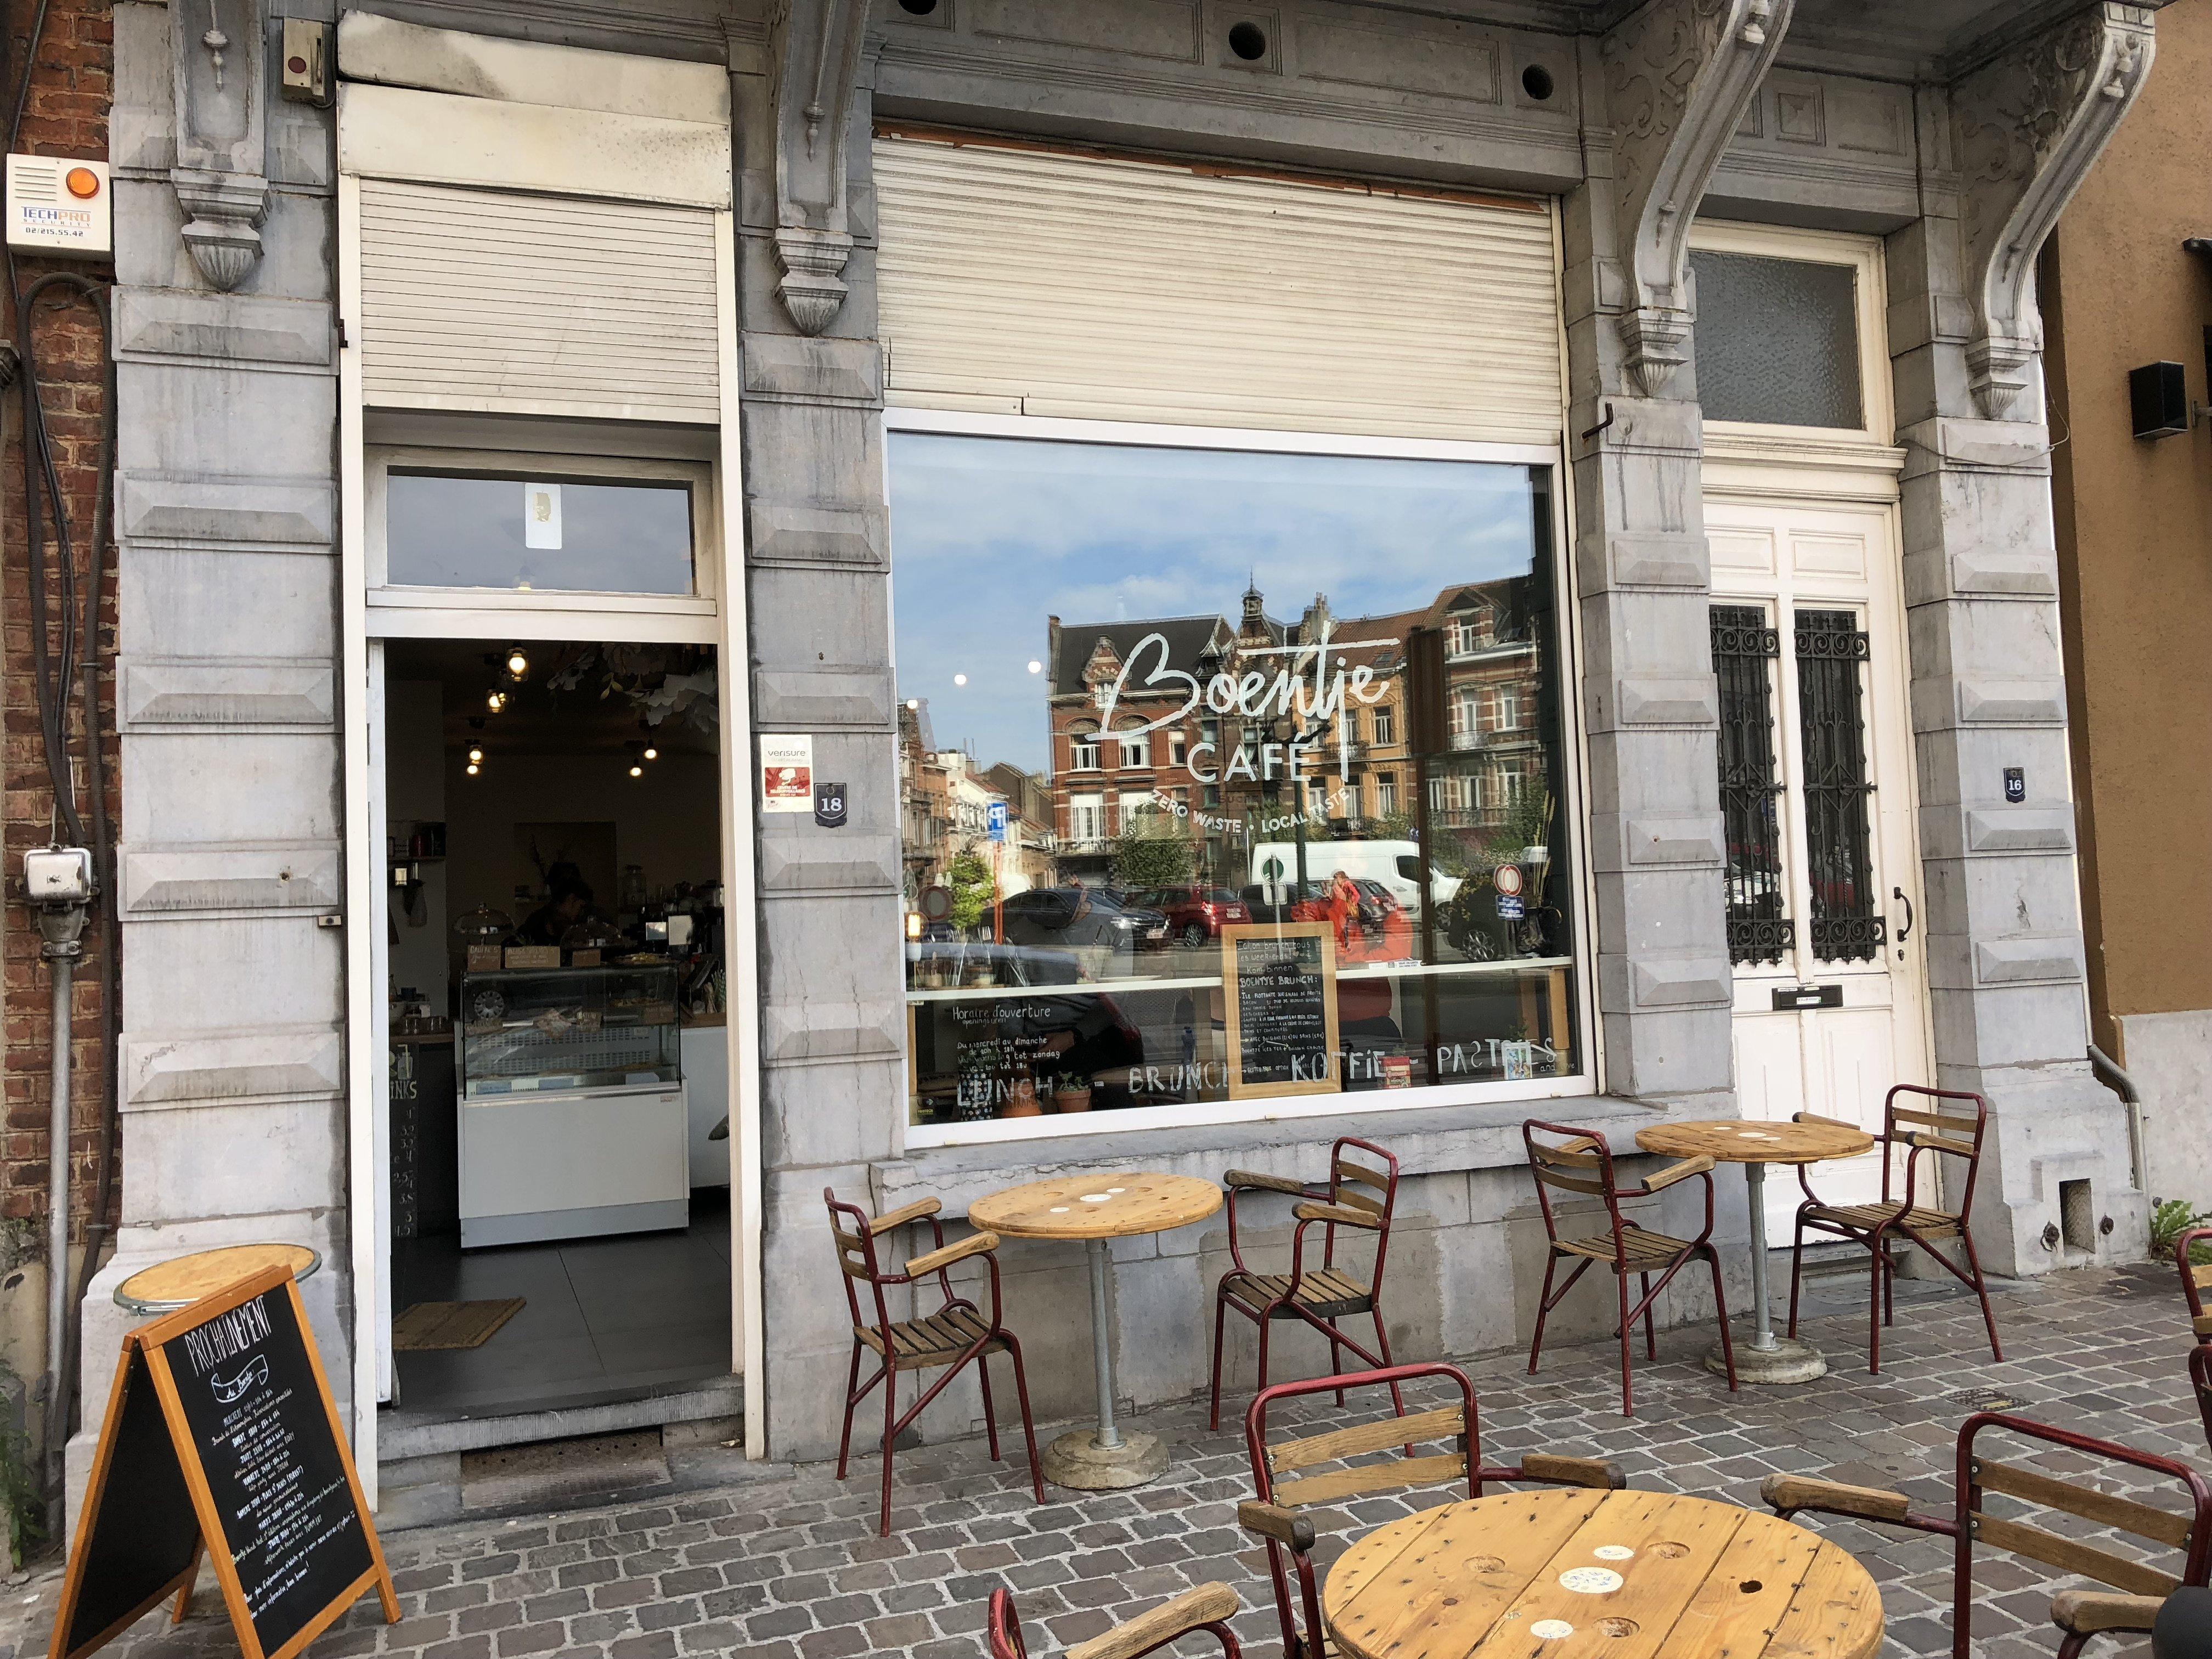 Boentje Café : zéro miette dans l'assiette pour ce brunch zéro déchet